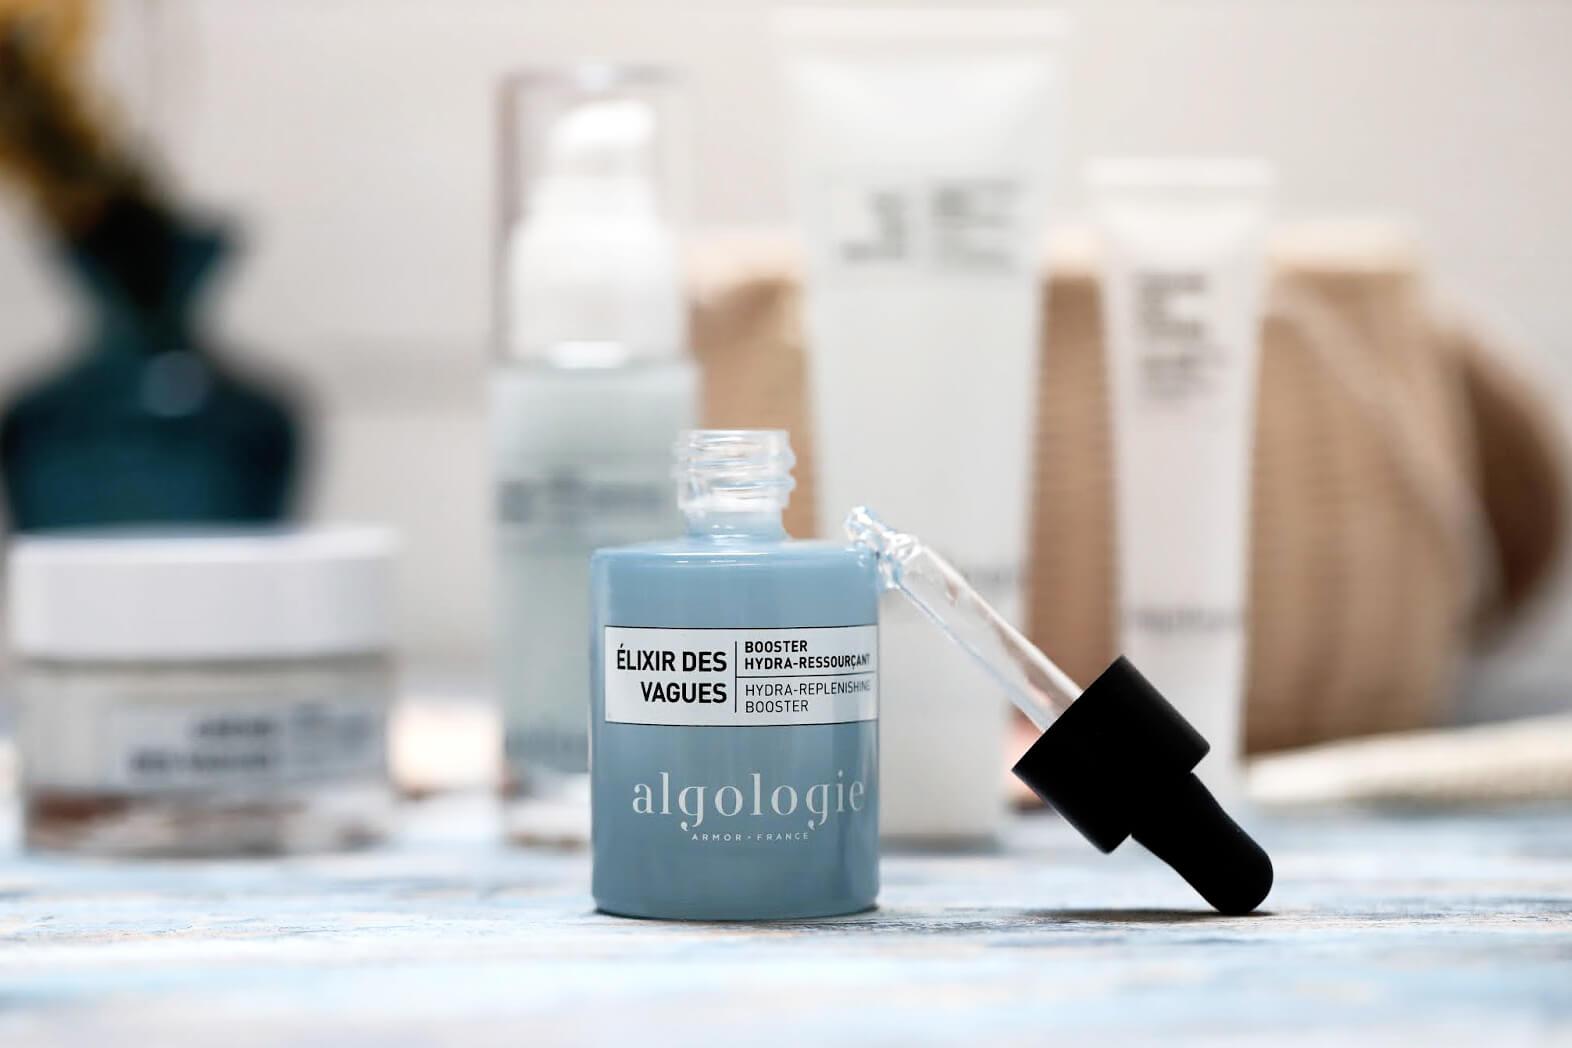 Algologie Elixir des Vagues Booster Hydratant